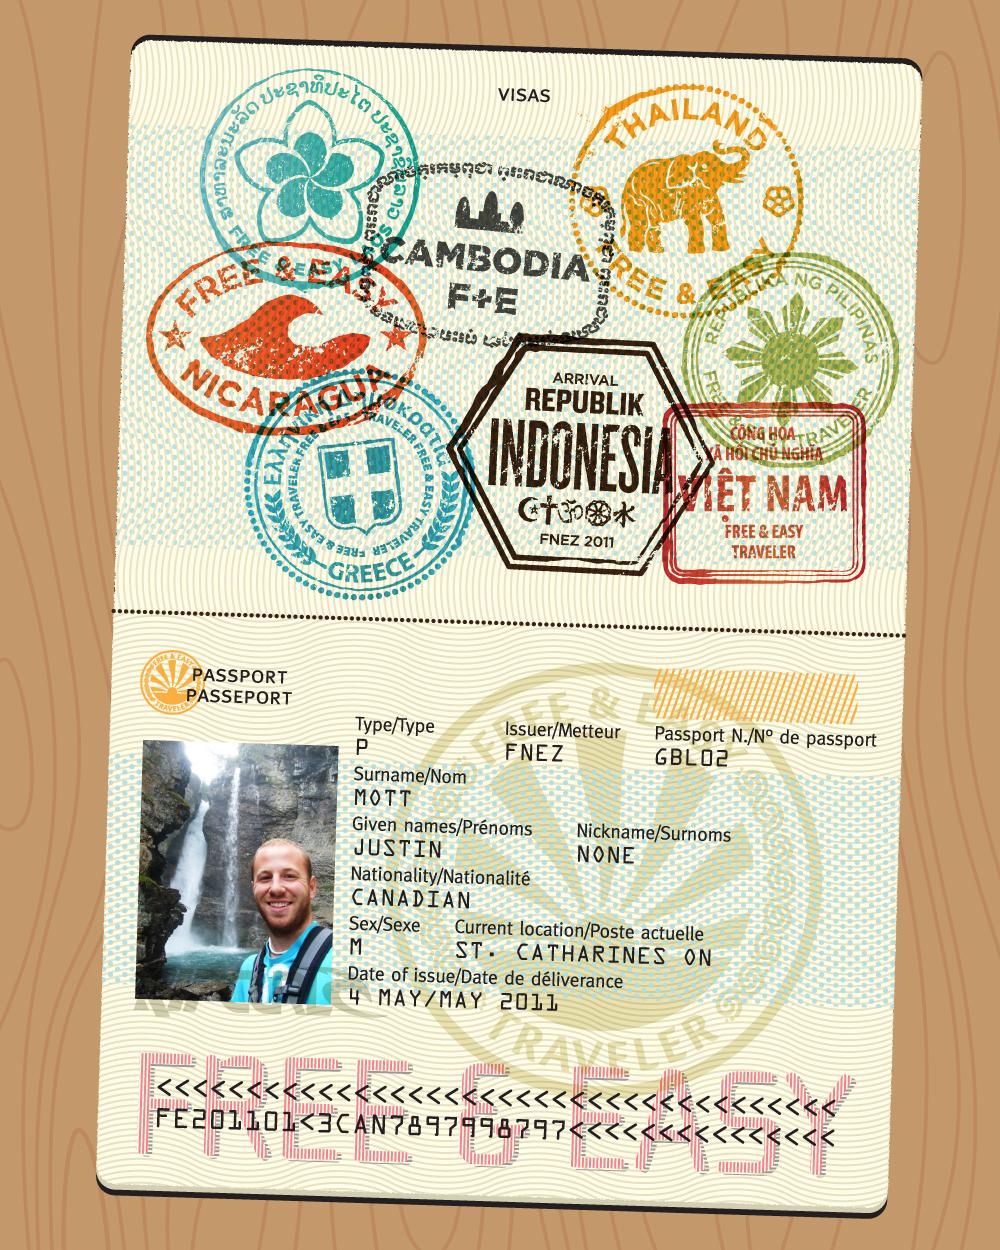 Passport-(Justin-Mott).jpg